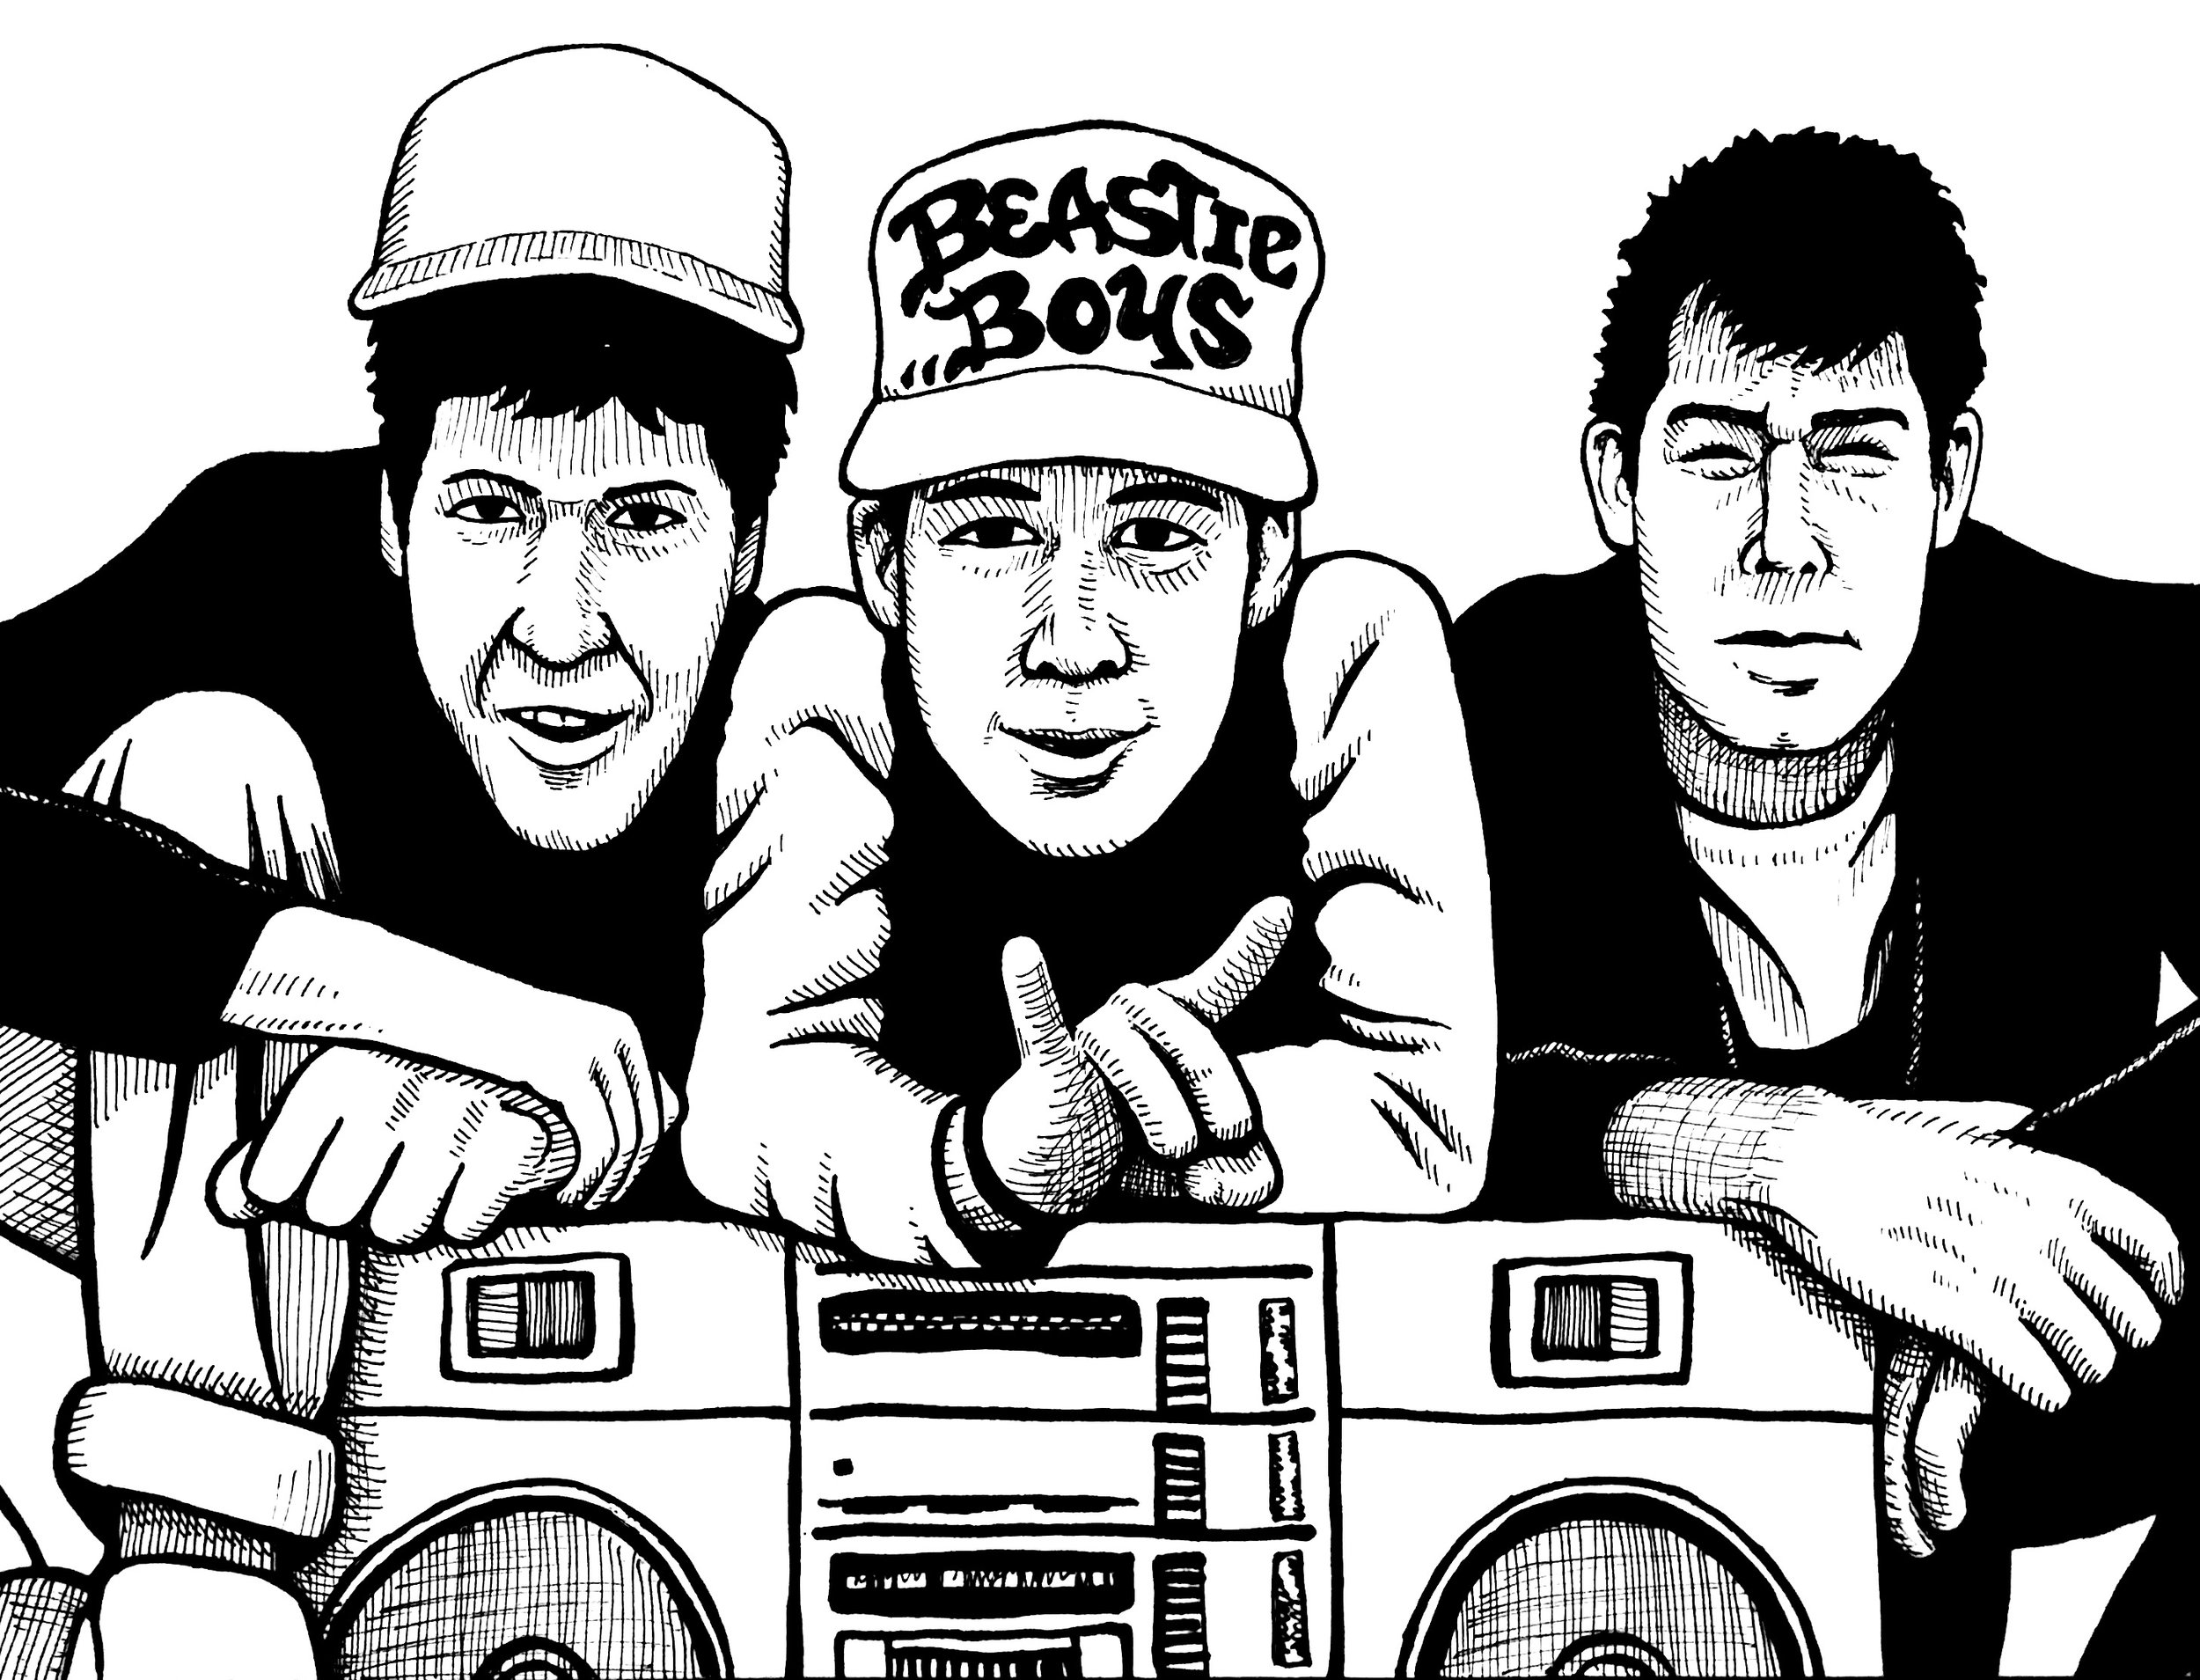 4beastie boys drawing.jpg